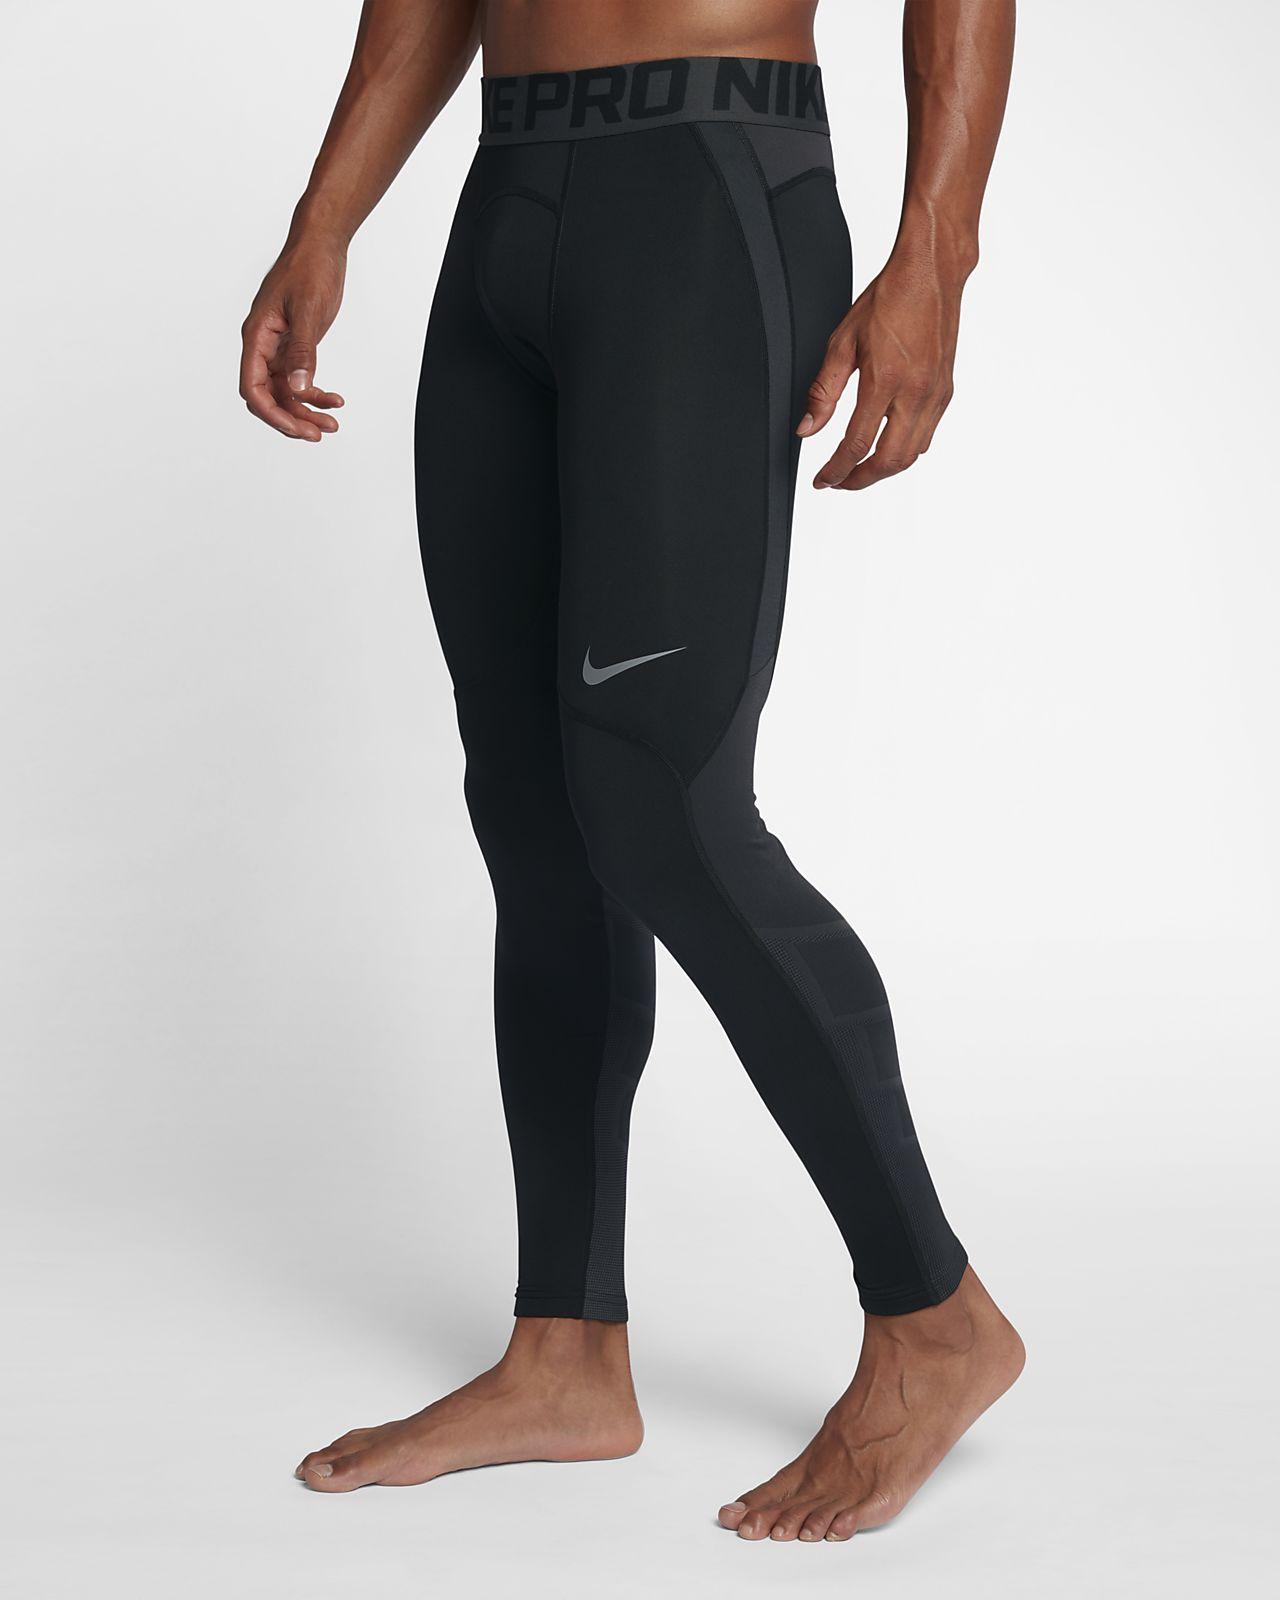 Nike Pro HyperWarm 男款緊身褲